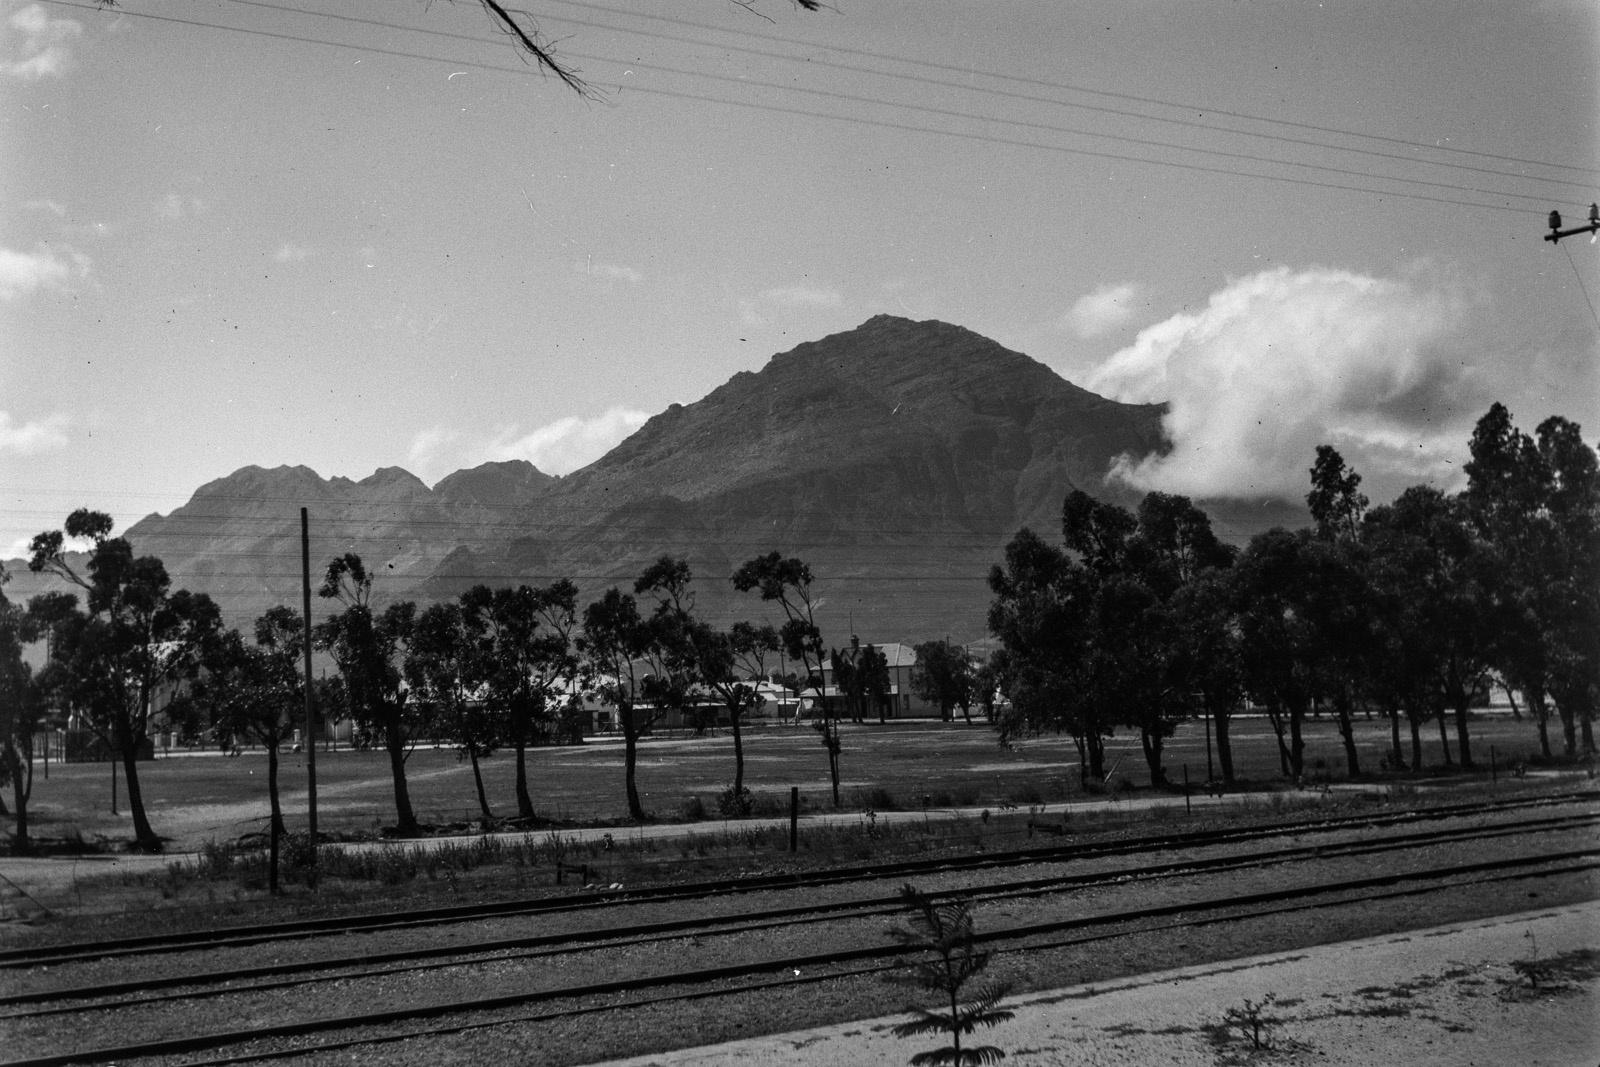 Кейптаун. Подъезжаем к городу